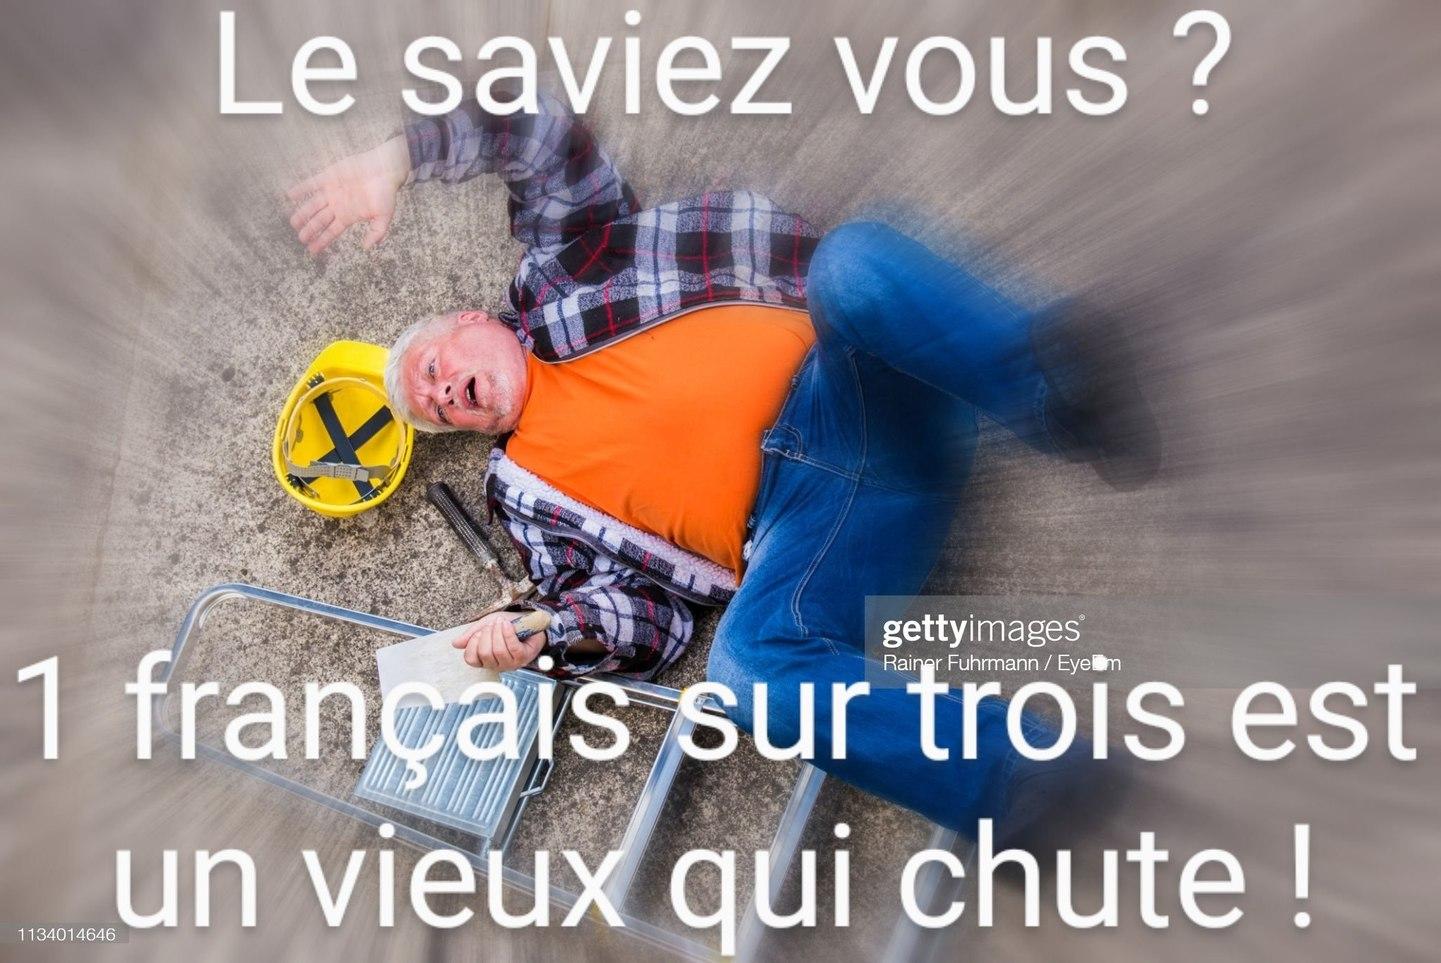 Salaoperie - meme